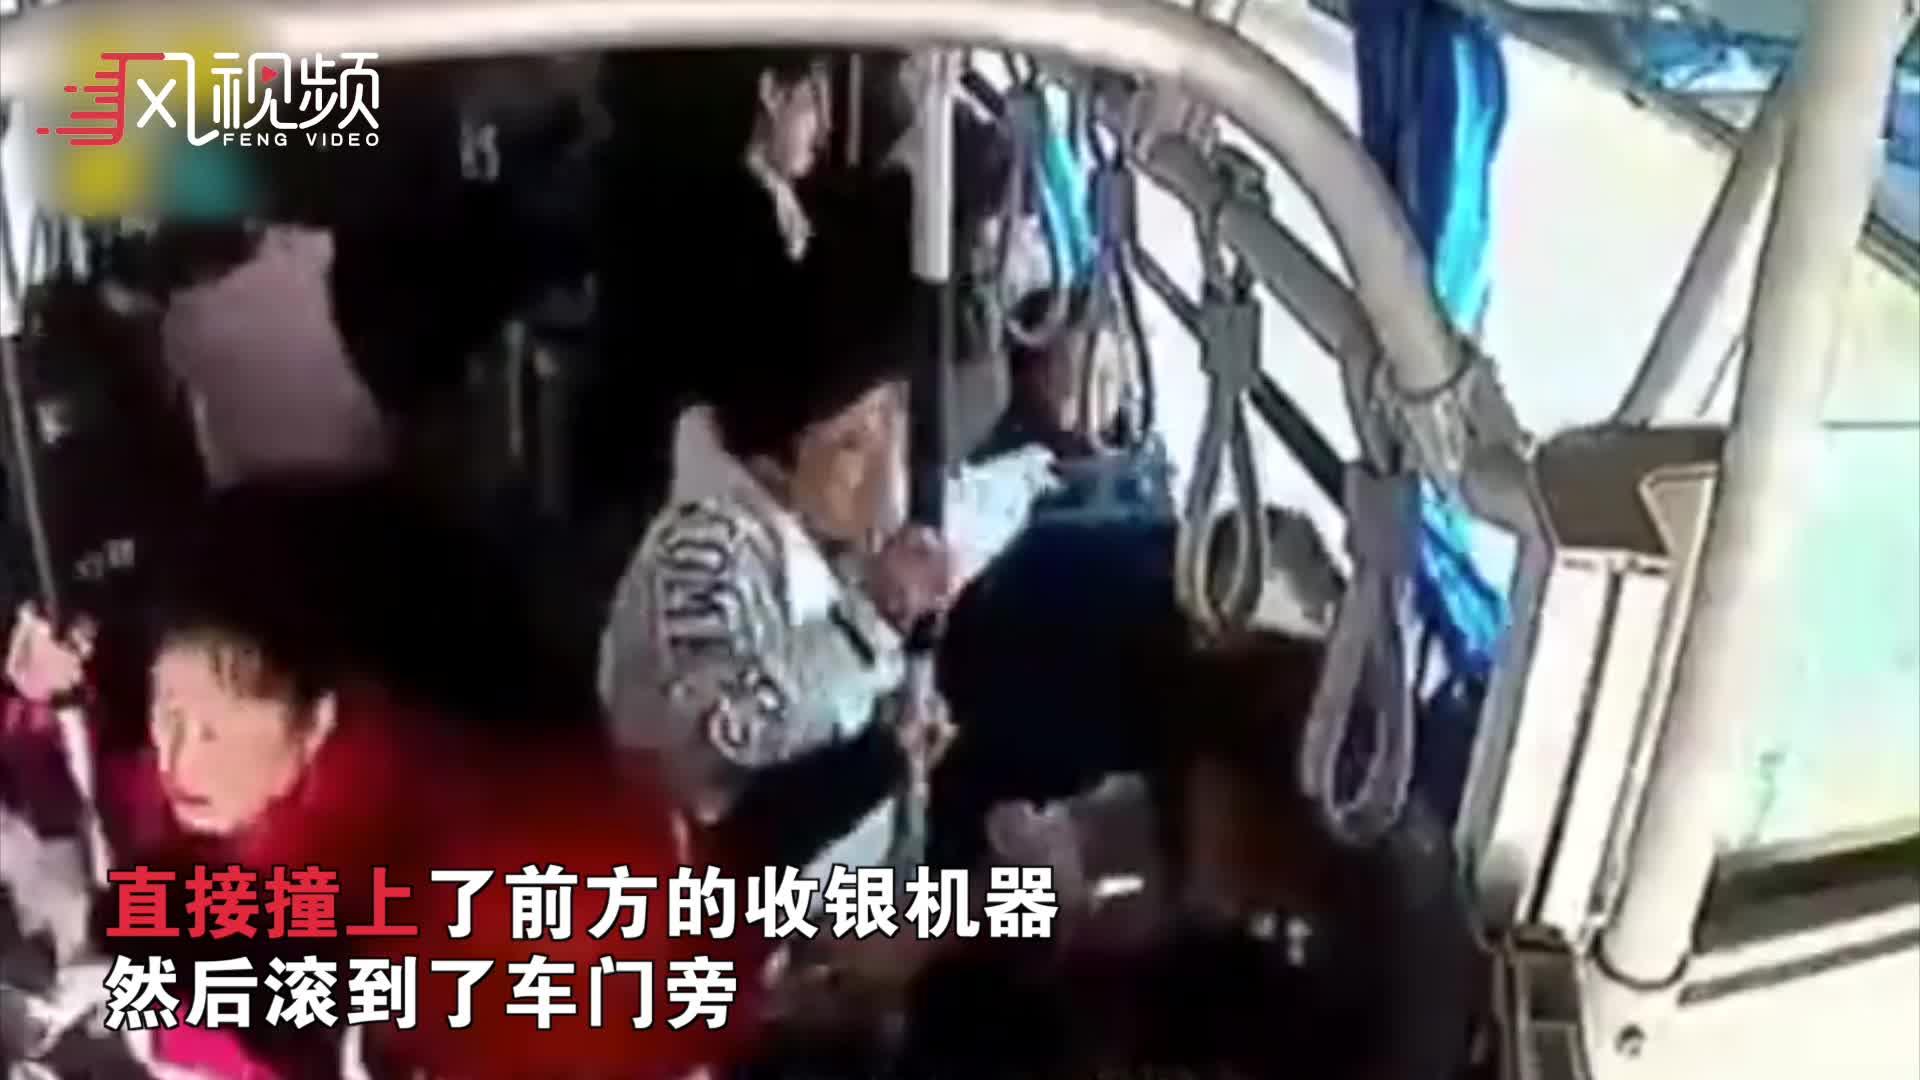 出租公交斗气乘客怂恿公交司机撞出租 司机真听了